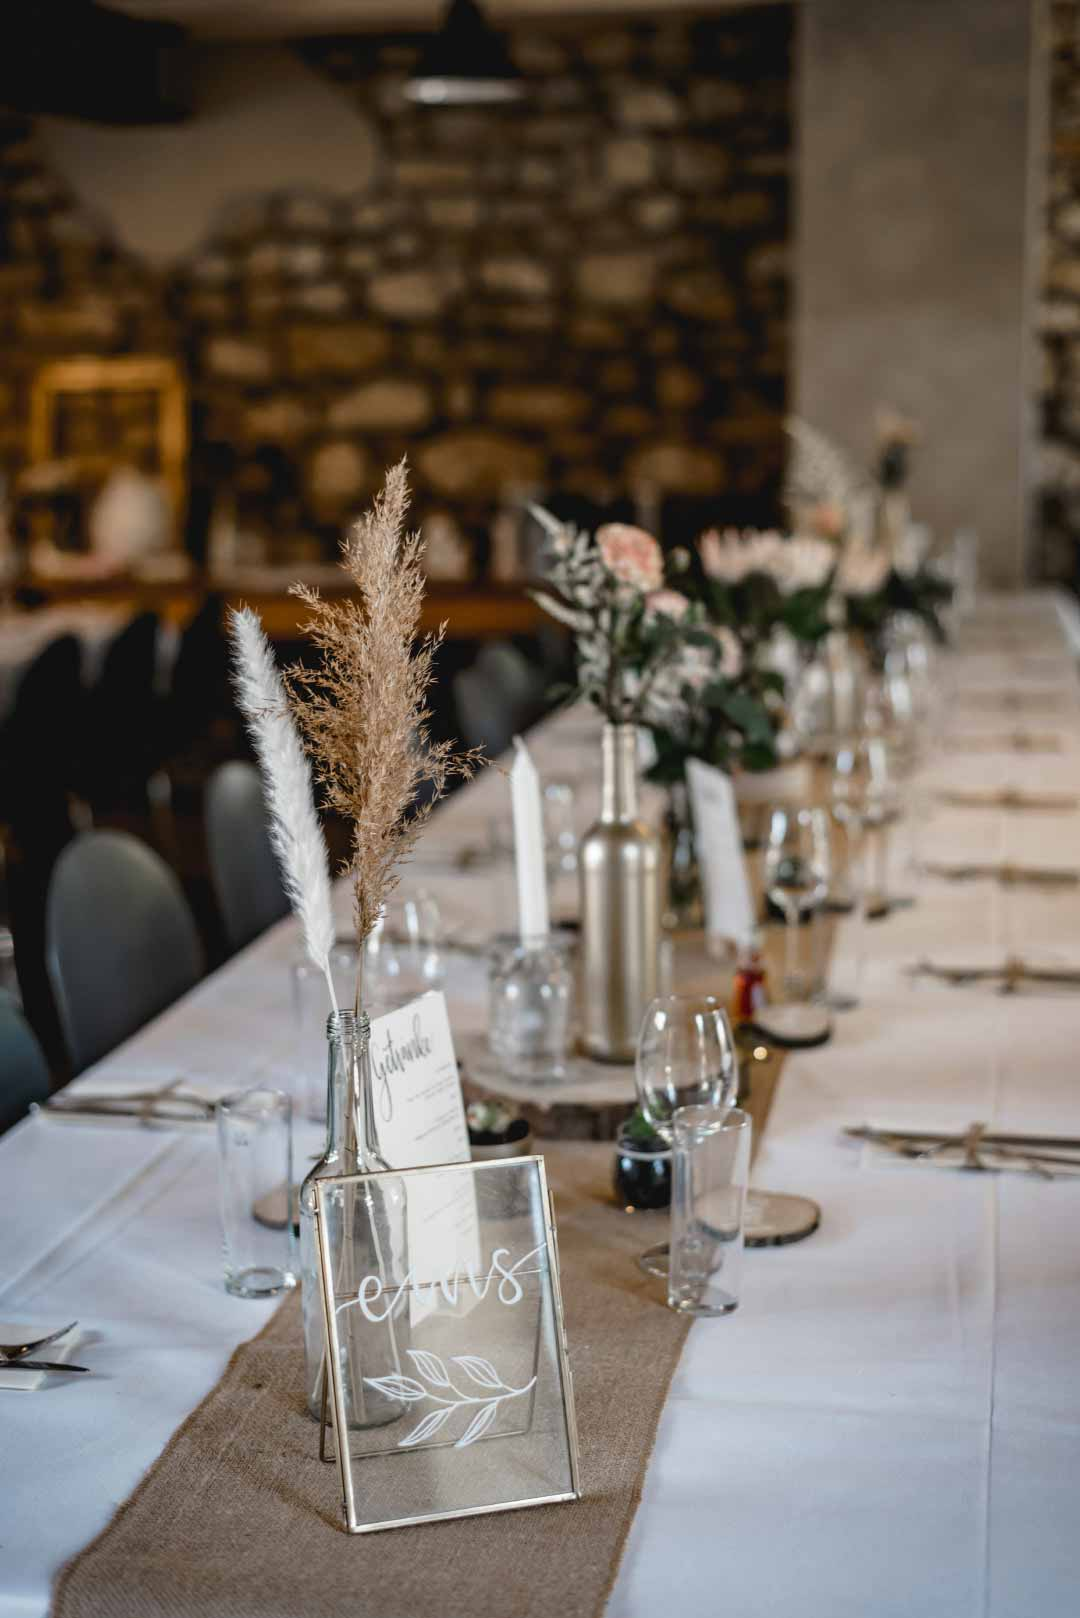 Tischdeko einer langen Tafel bei der Rustic Chic Hochzeit